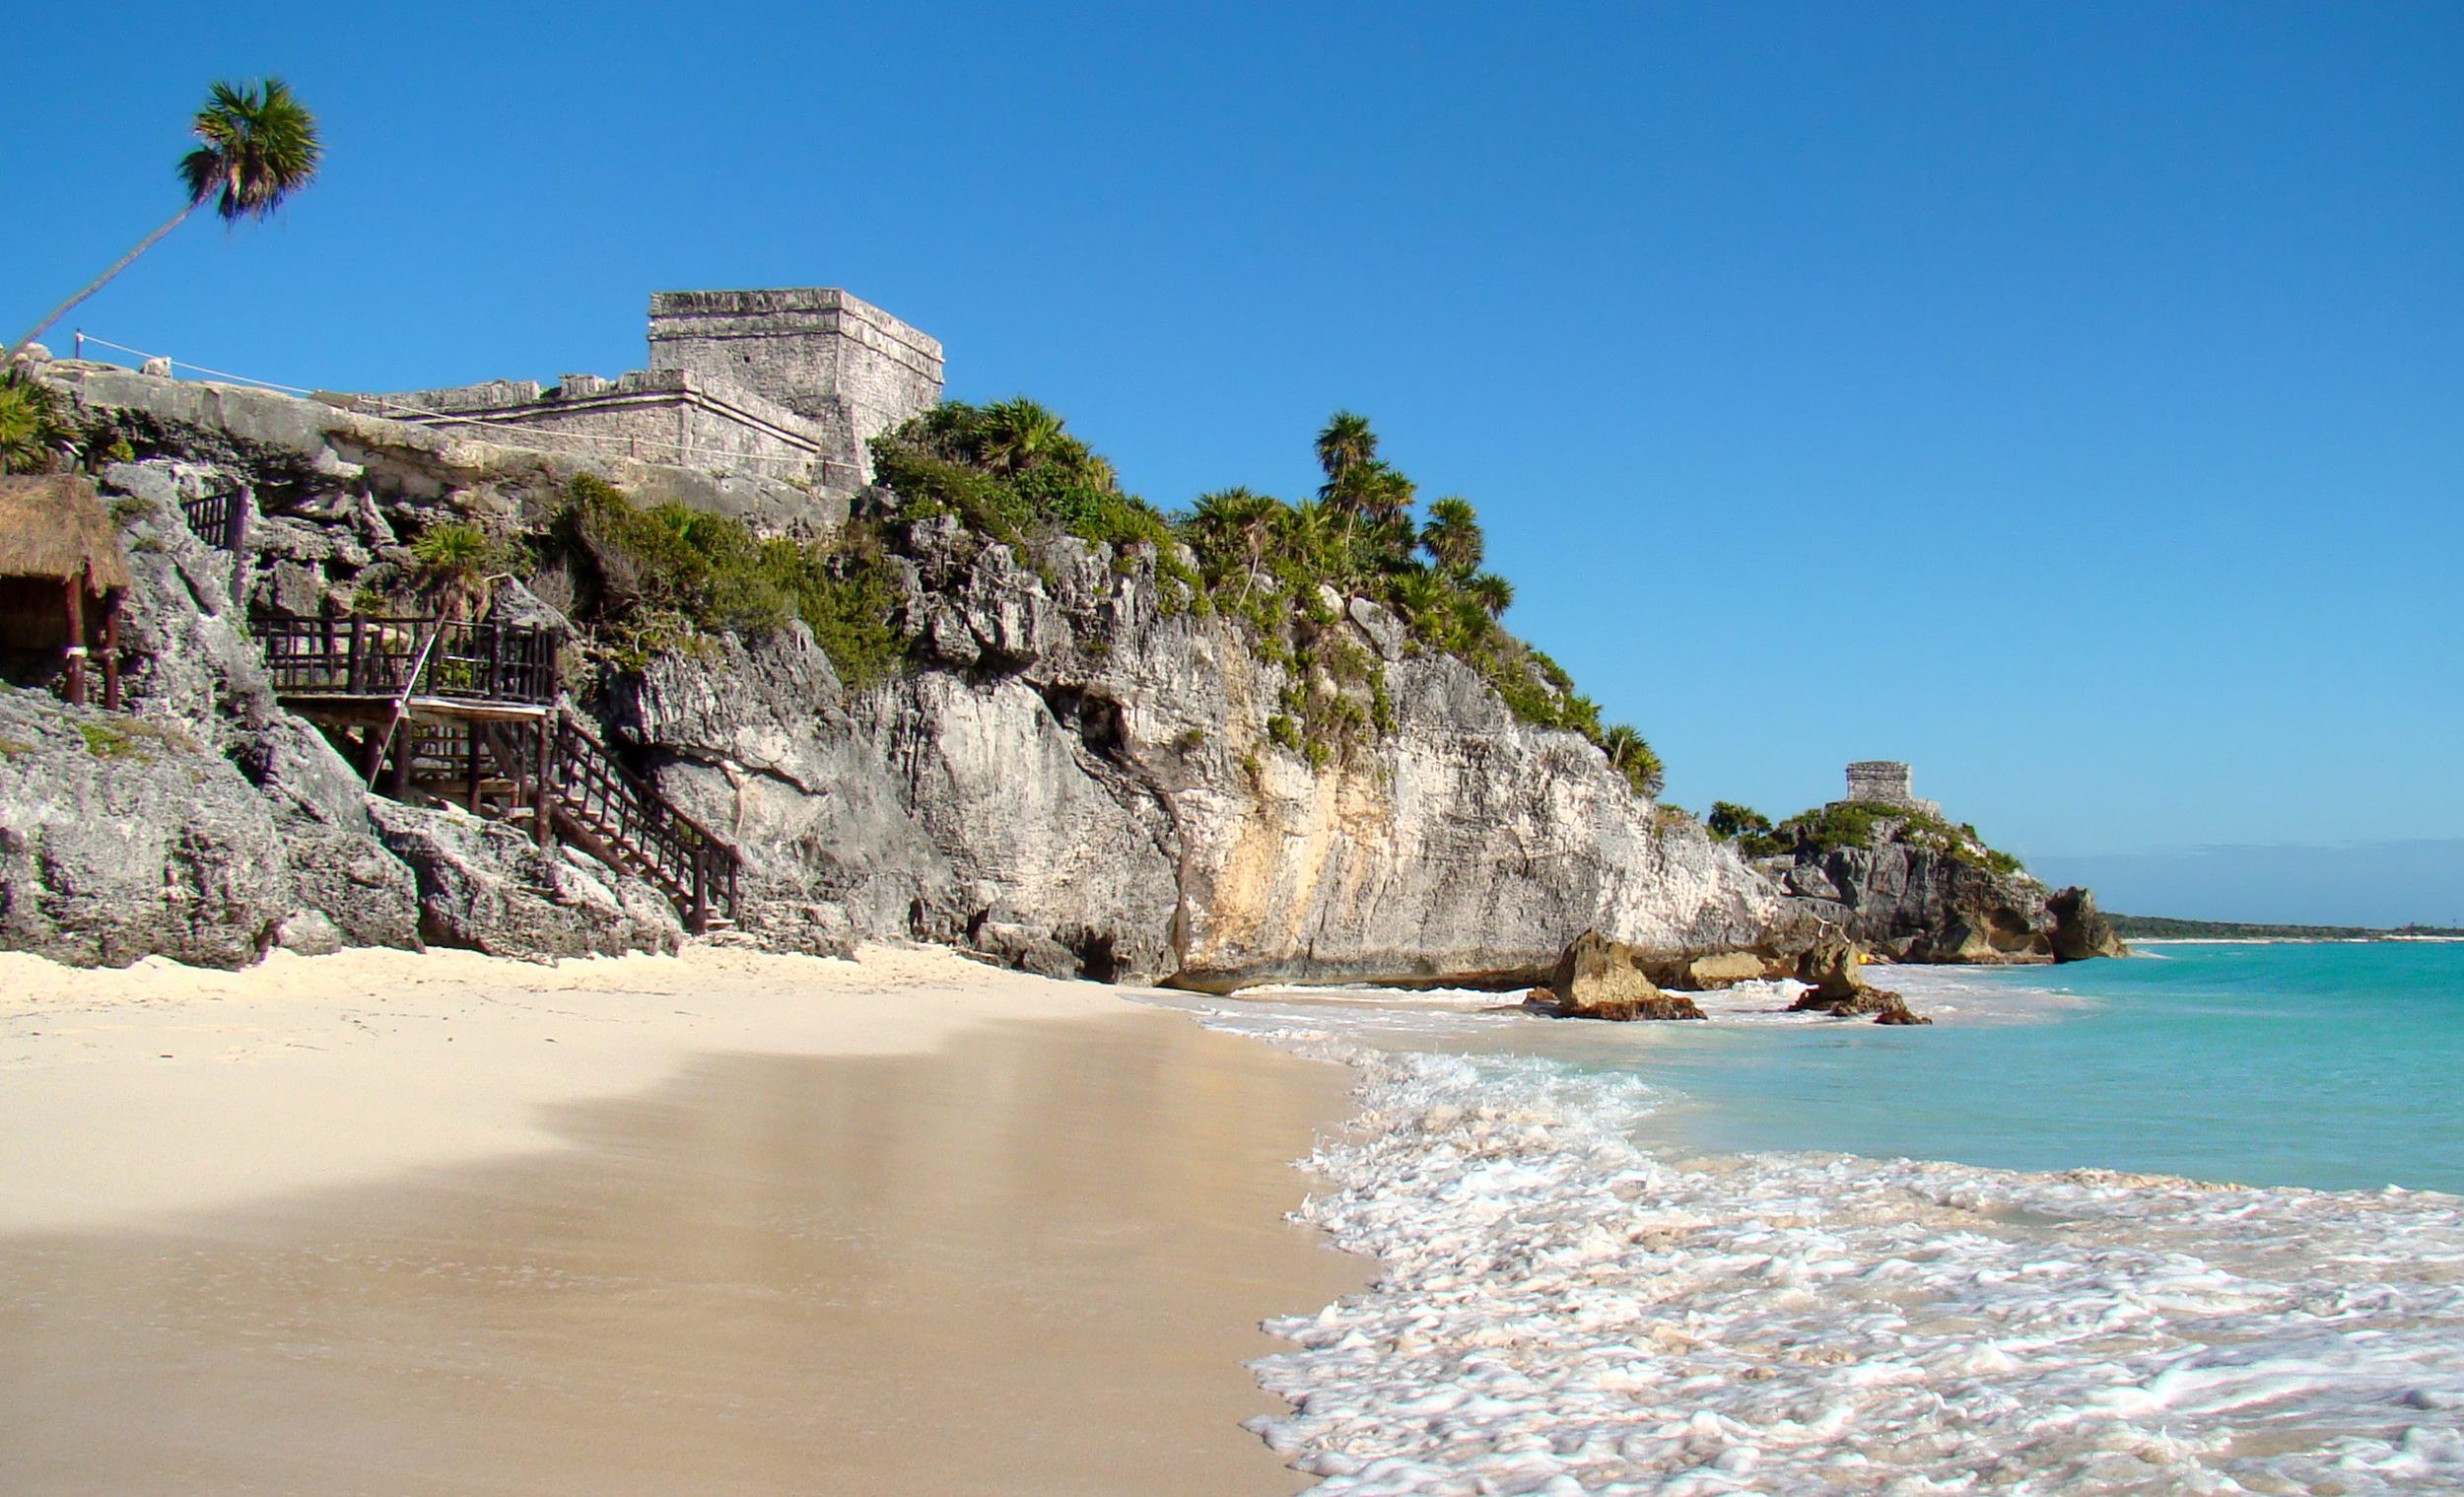 Tulum-Seaside-2010.jpg